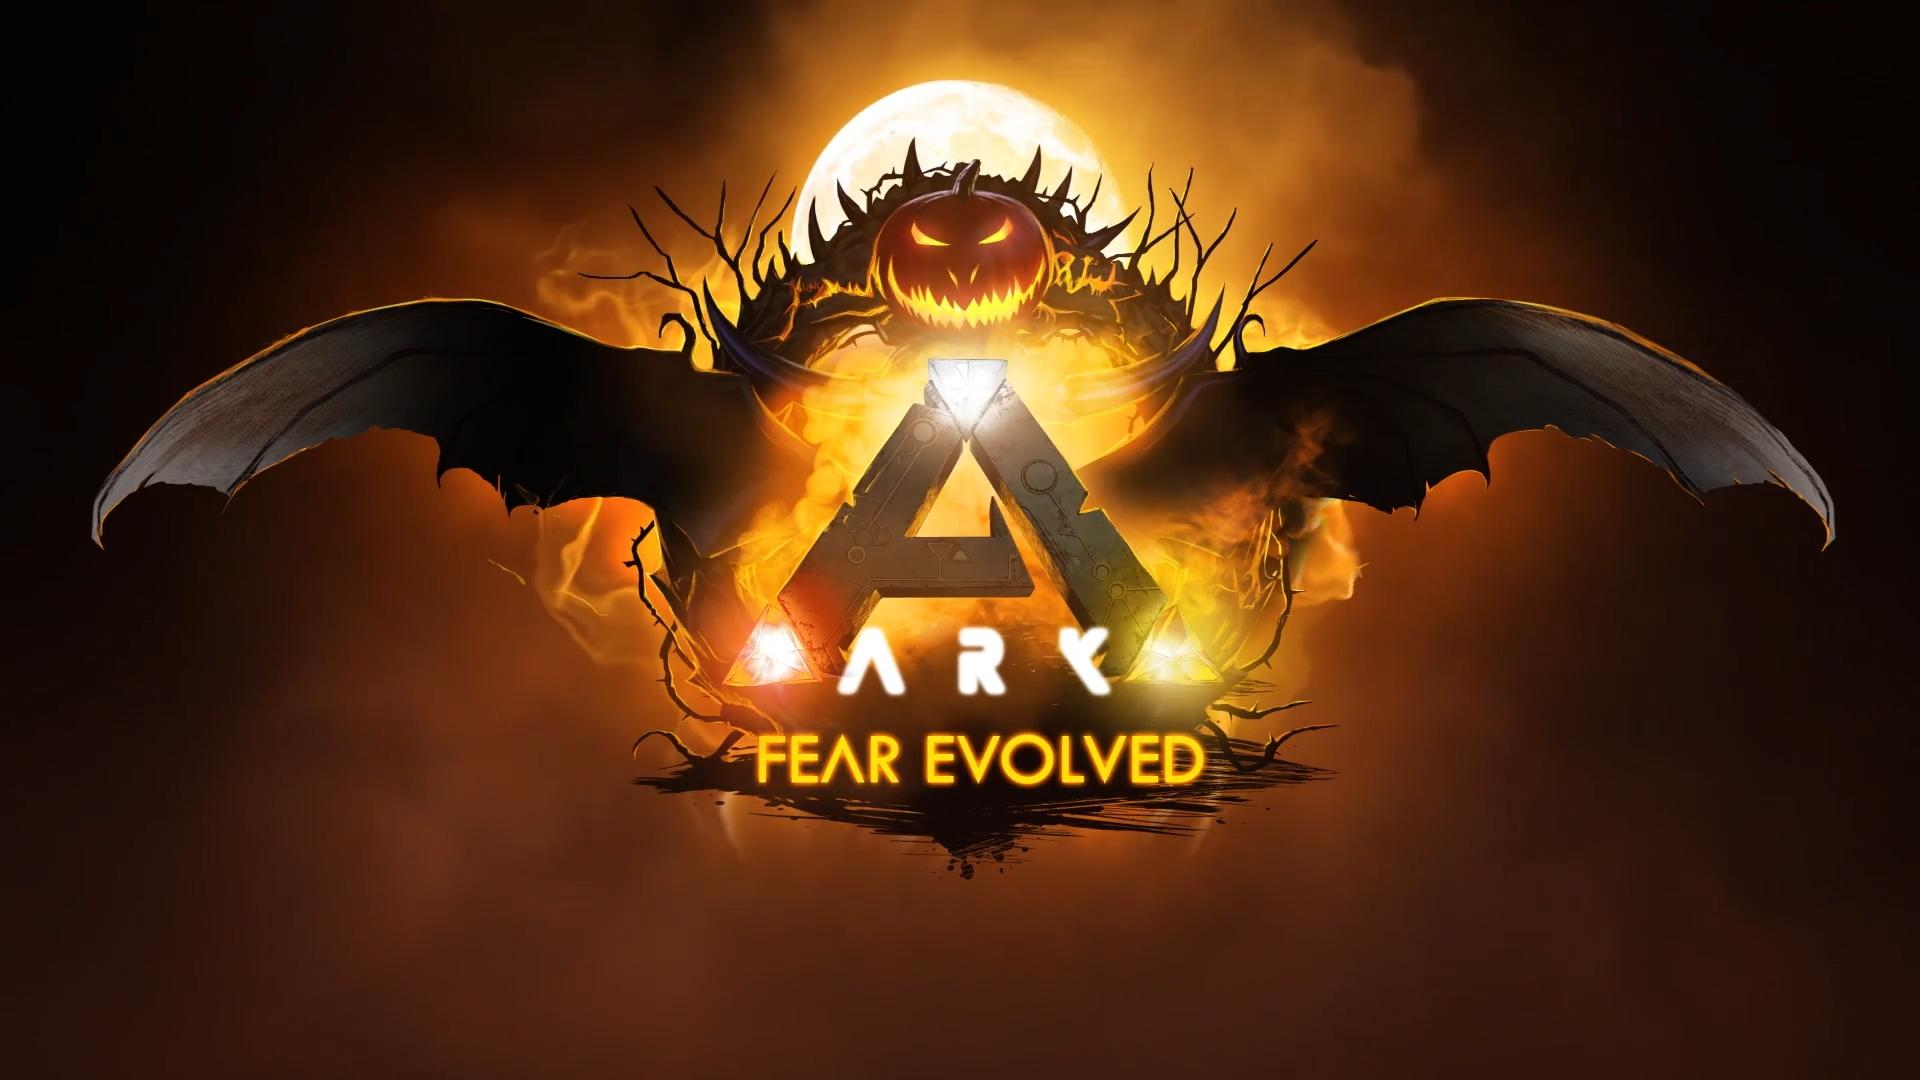 Ark Survival Evolved - Хеллоуин - живые обои с музыкальным оформлением